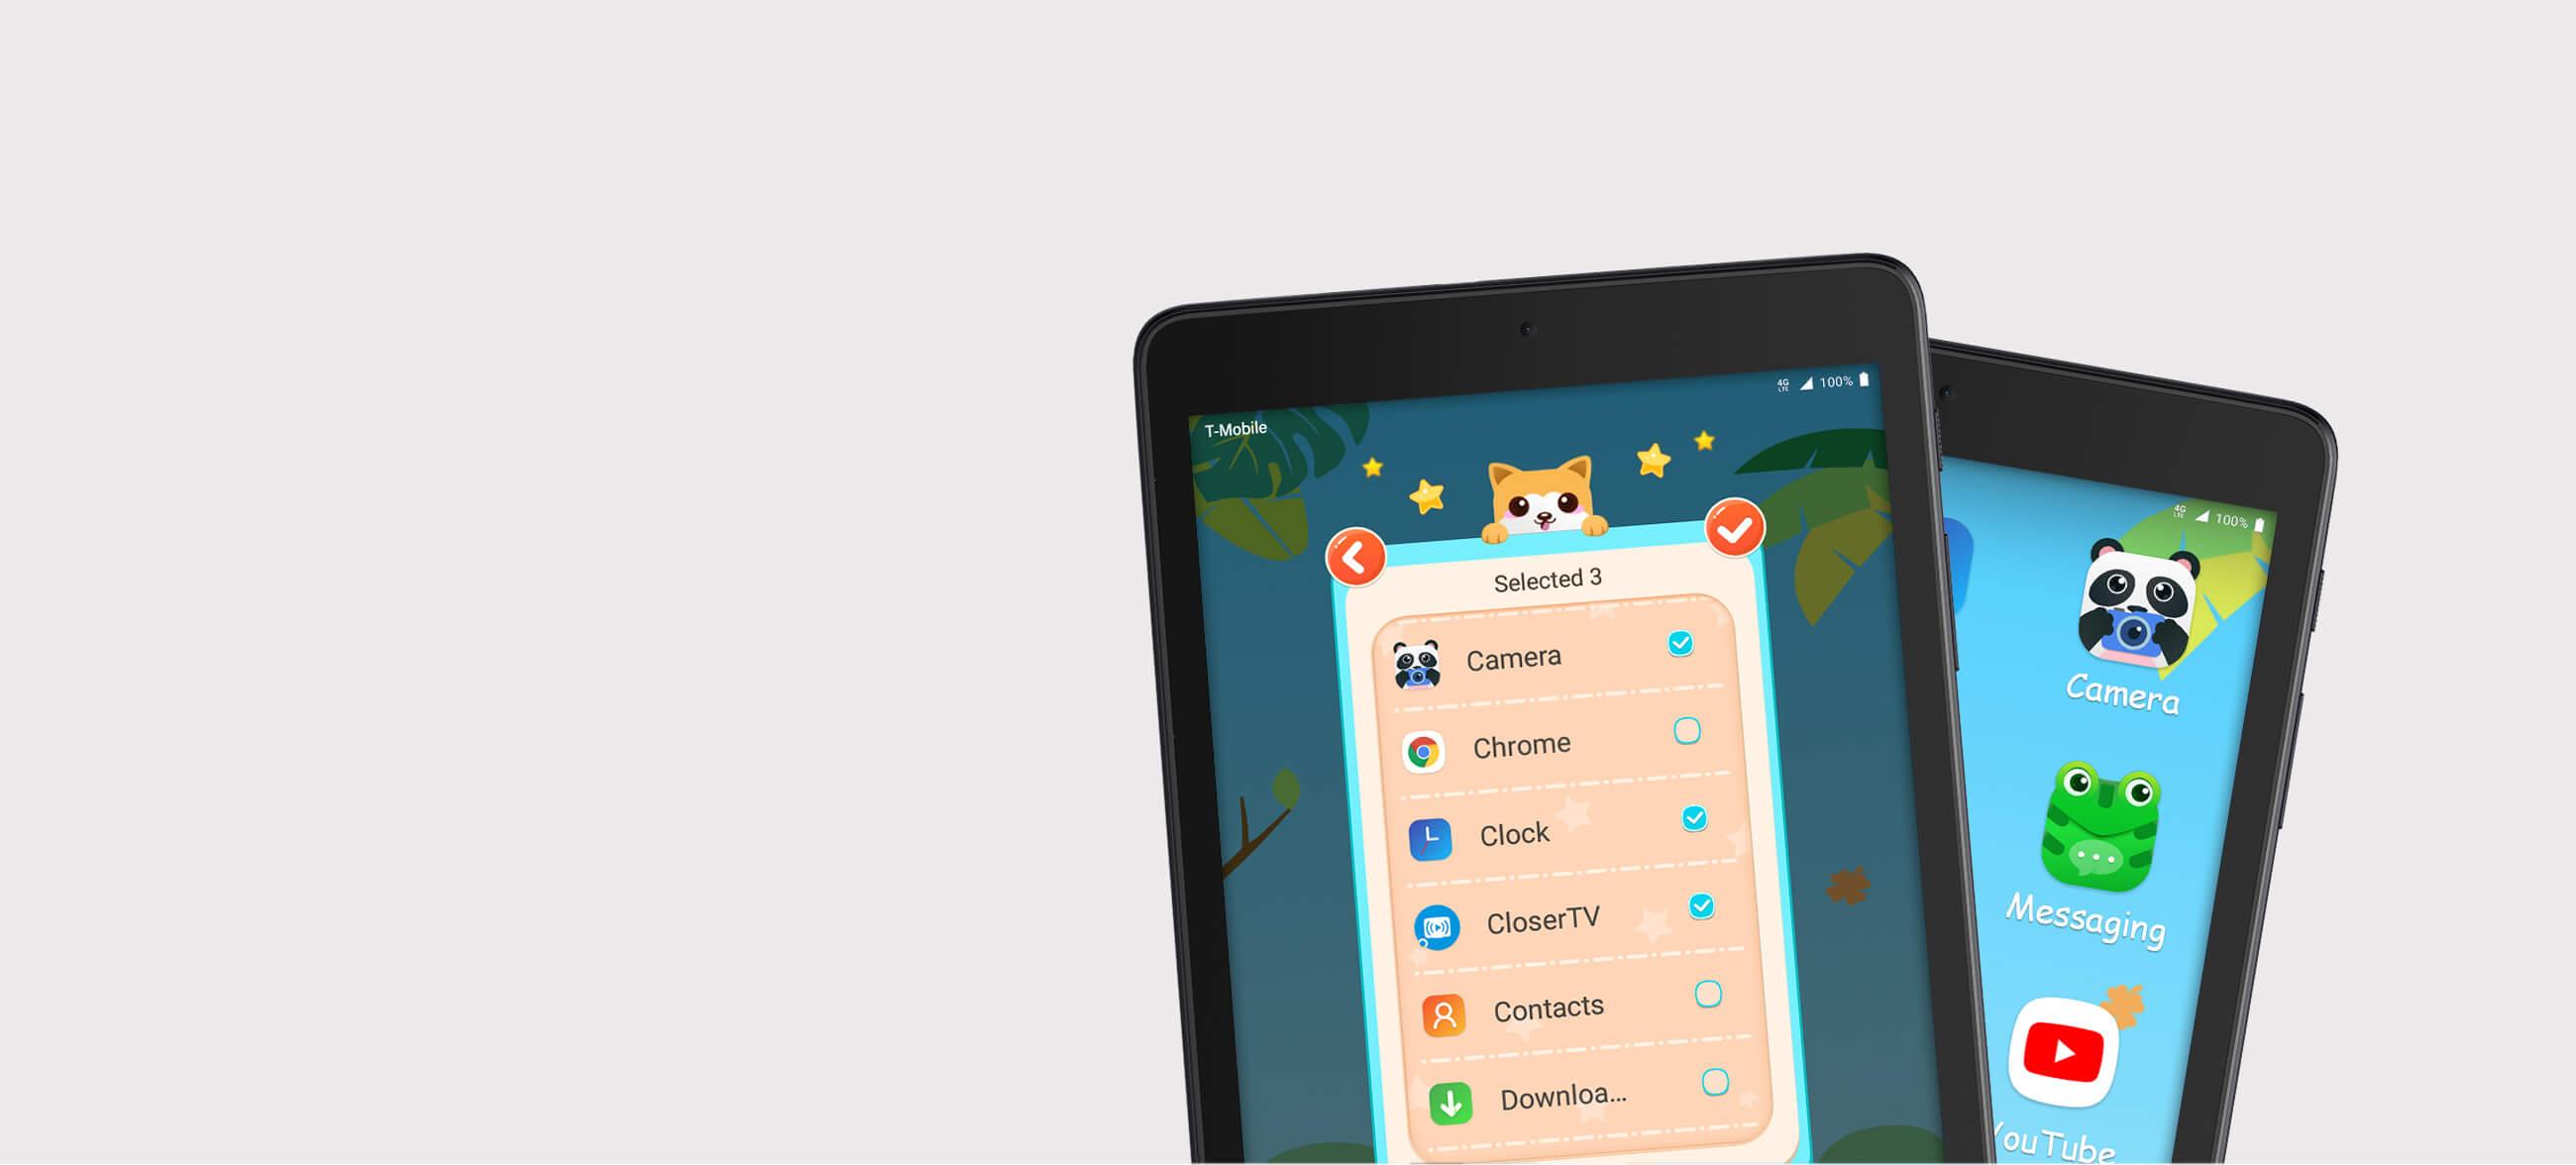 Alcatel 3T 8 Tablet - THE PERFECT FAMILY COMPANION : Alcatel Mobile